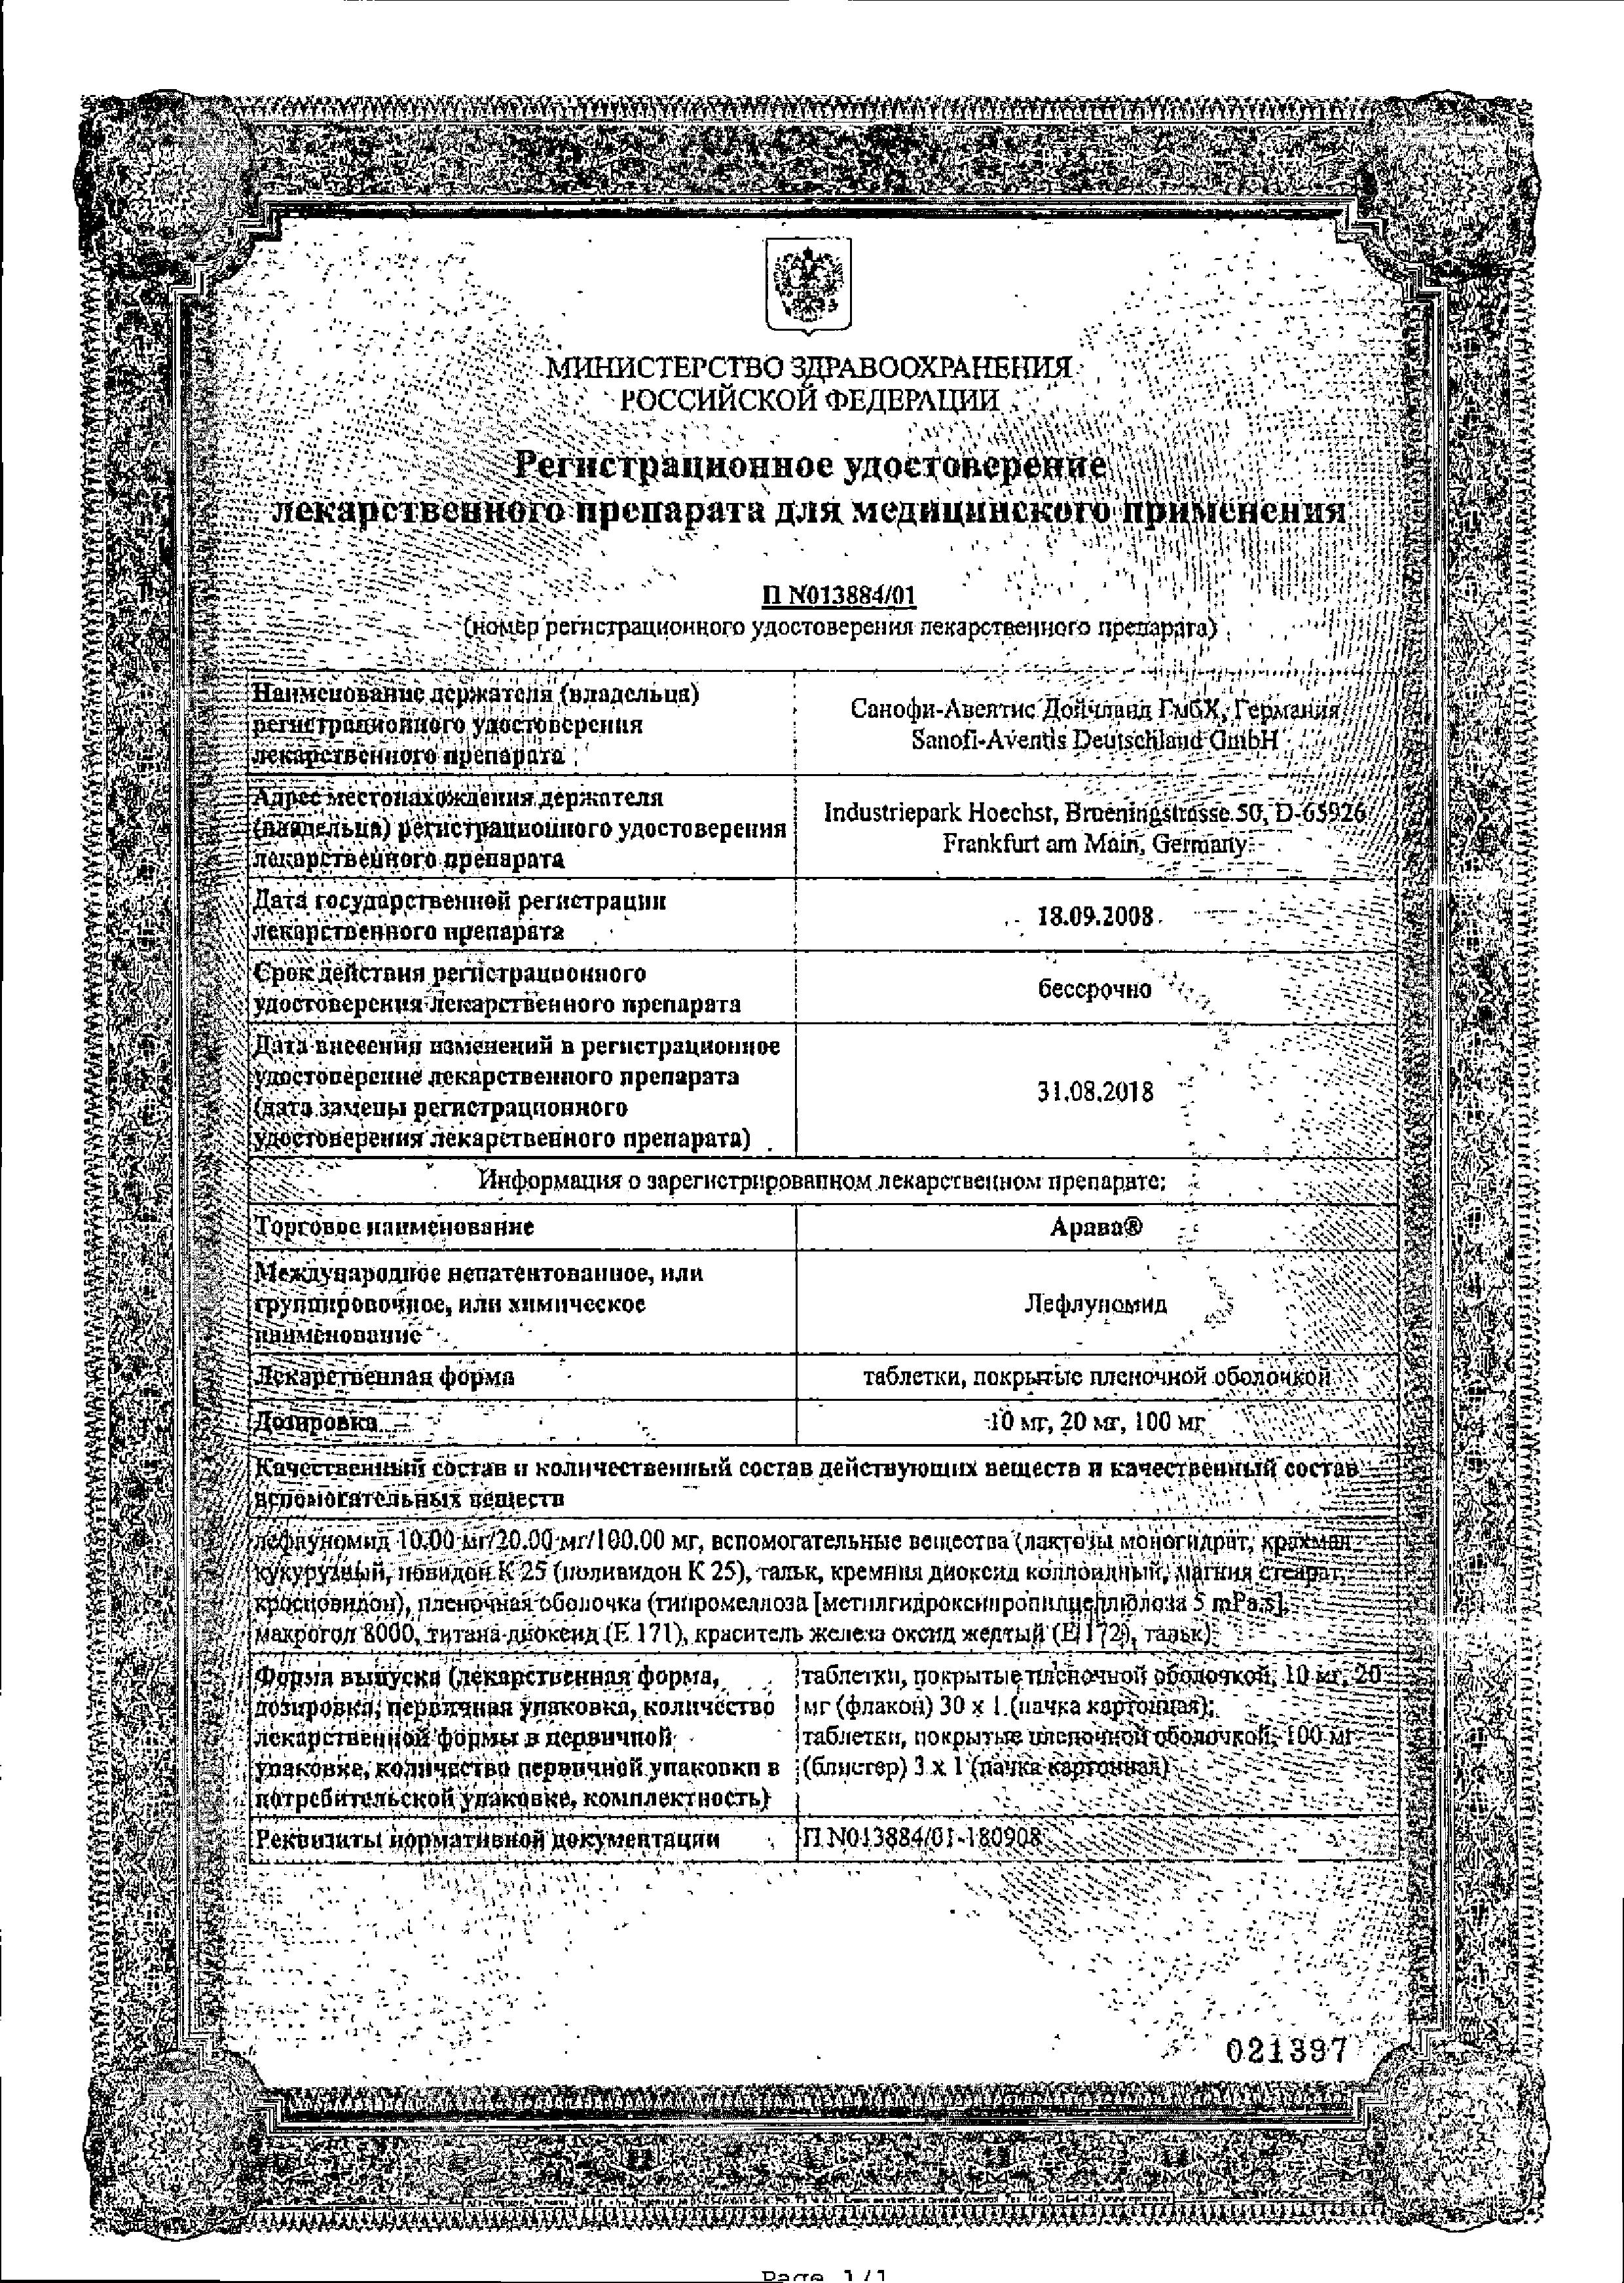 Арава сертификат